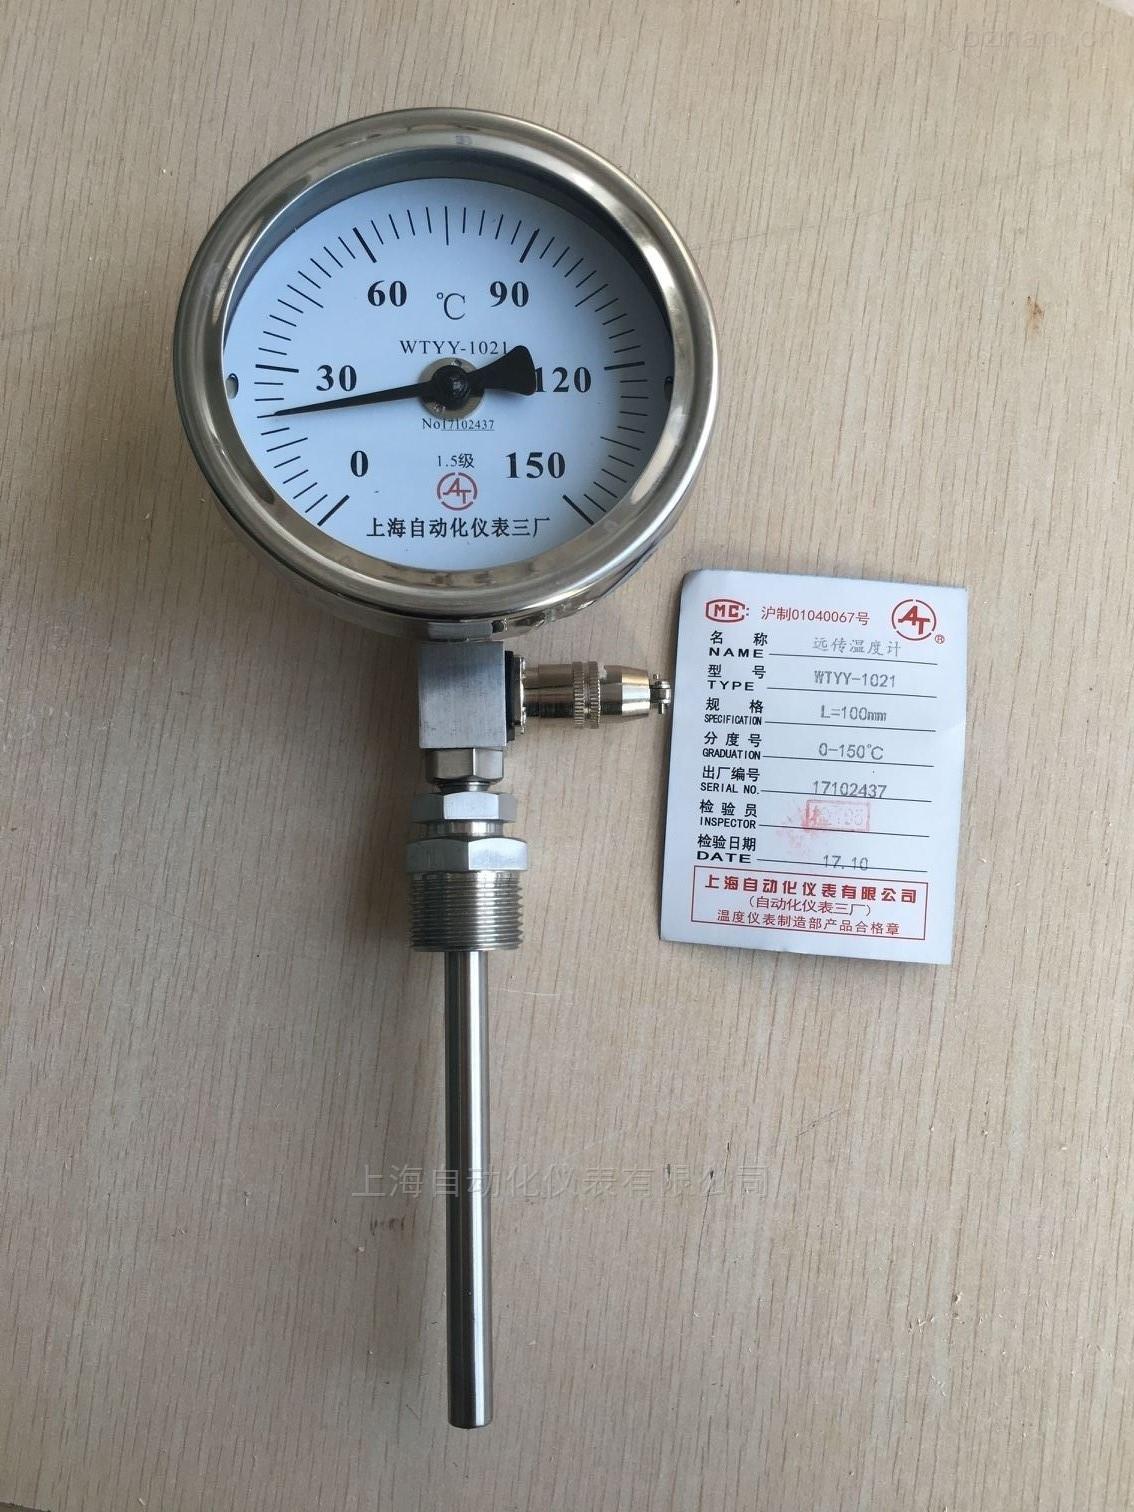 WTYY-1021一体化电接点双金属平安彩票网厂家